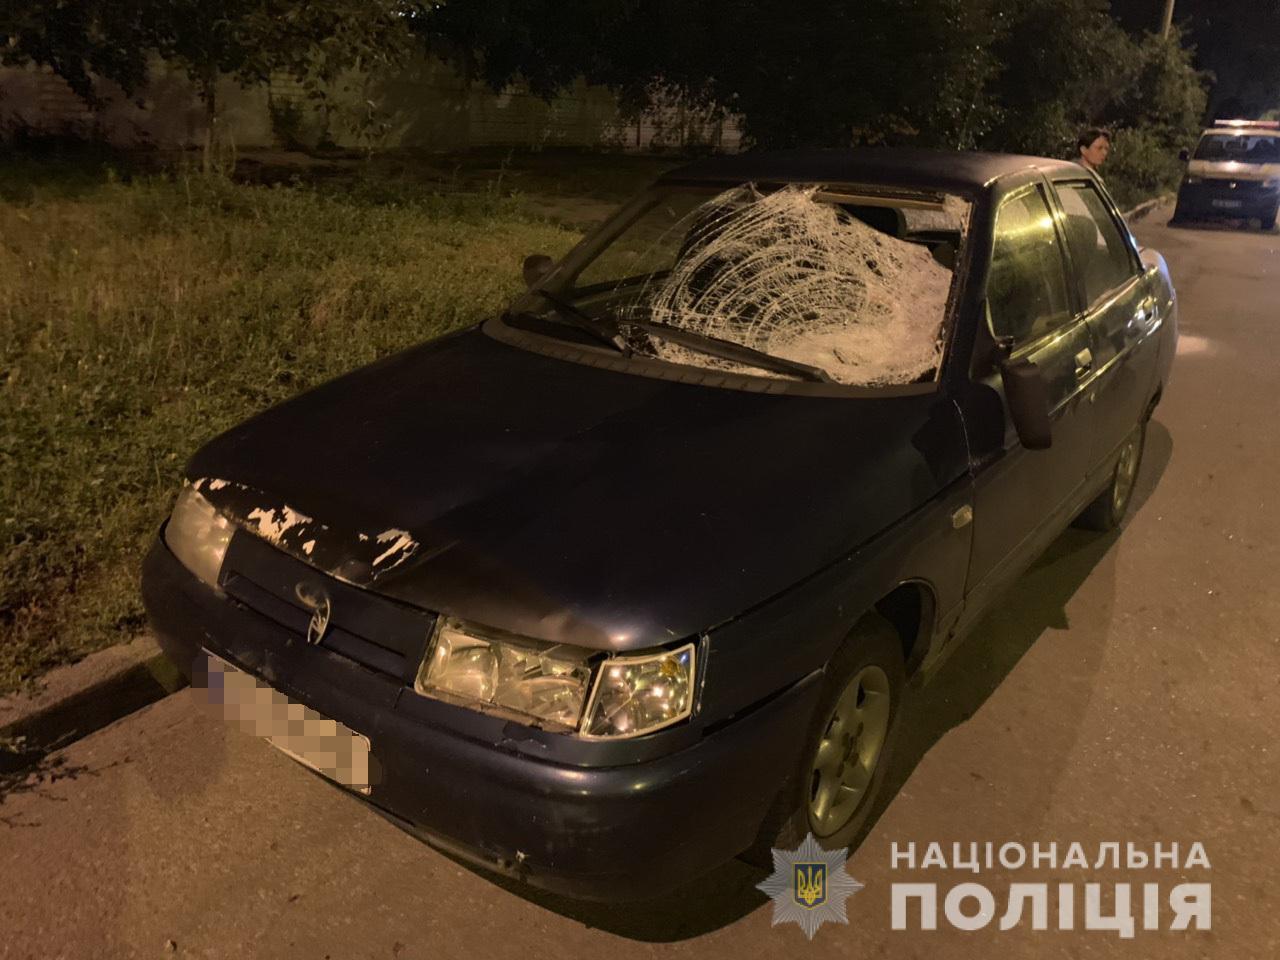 В Холодногорском районе водитель легковушки насмерть сбил пешехода (фото)